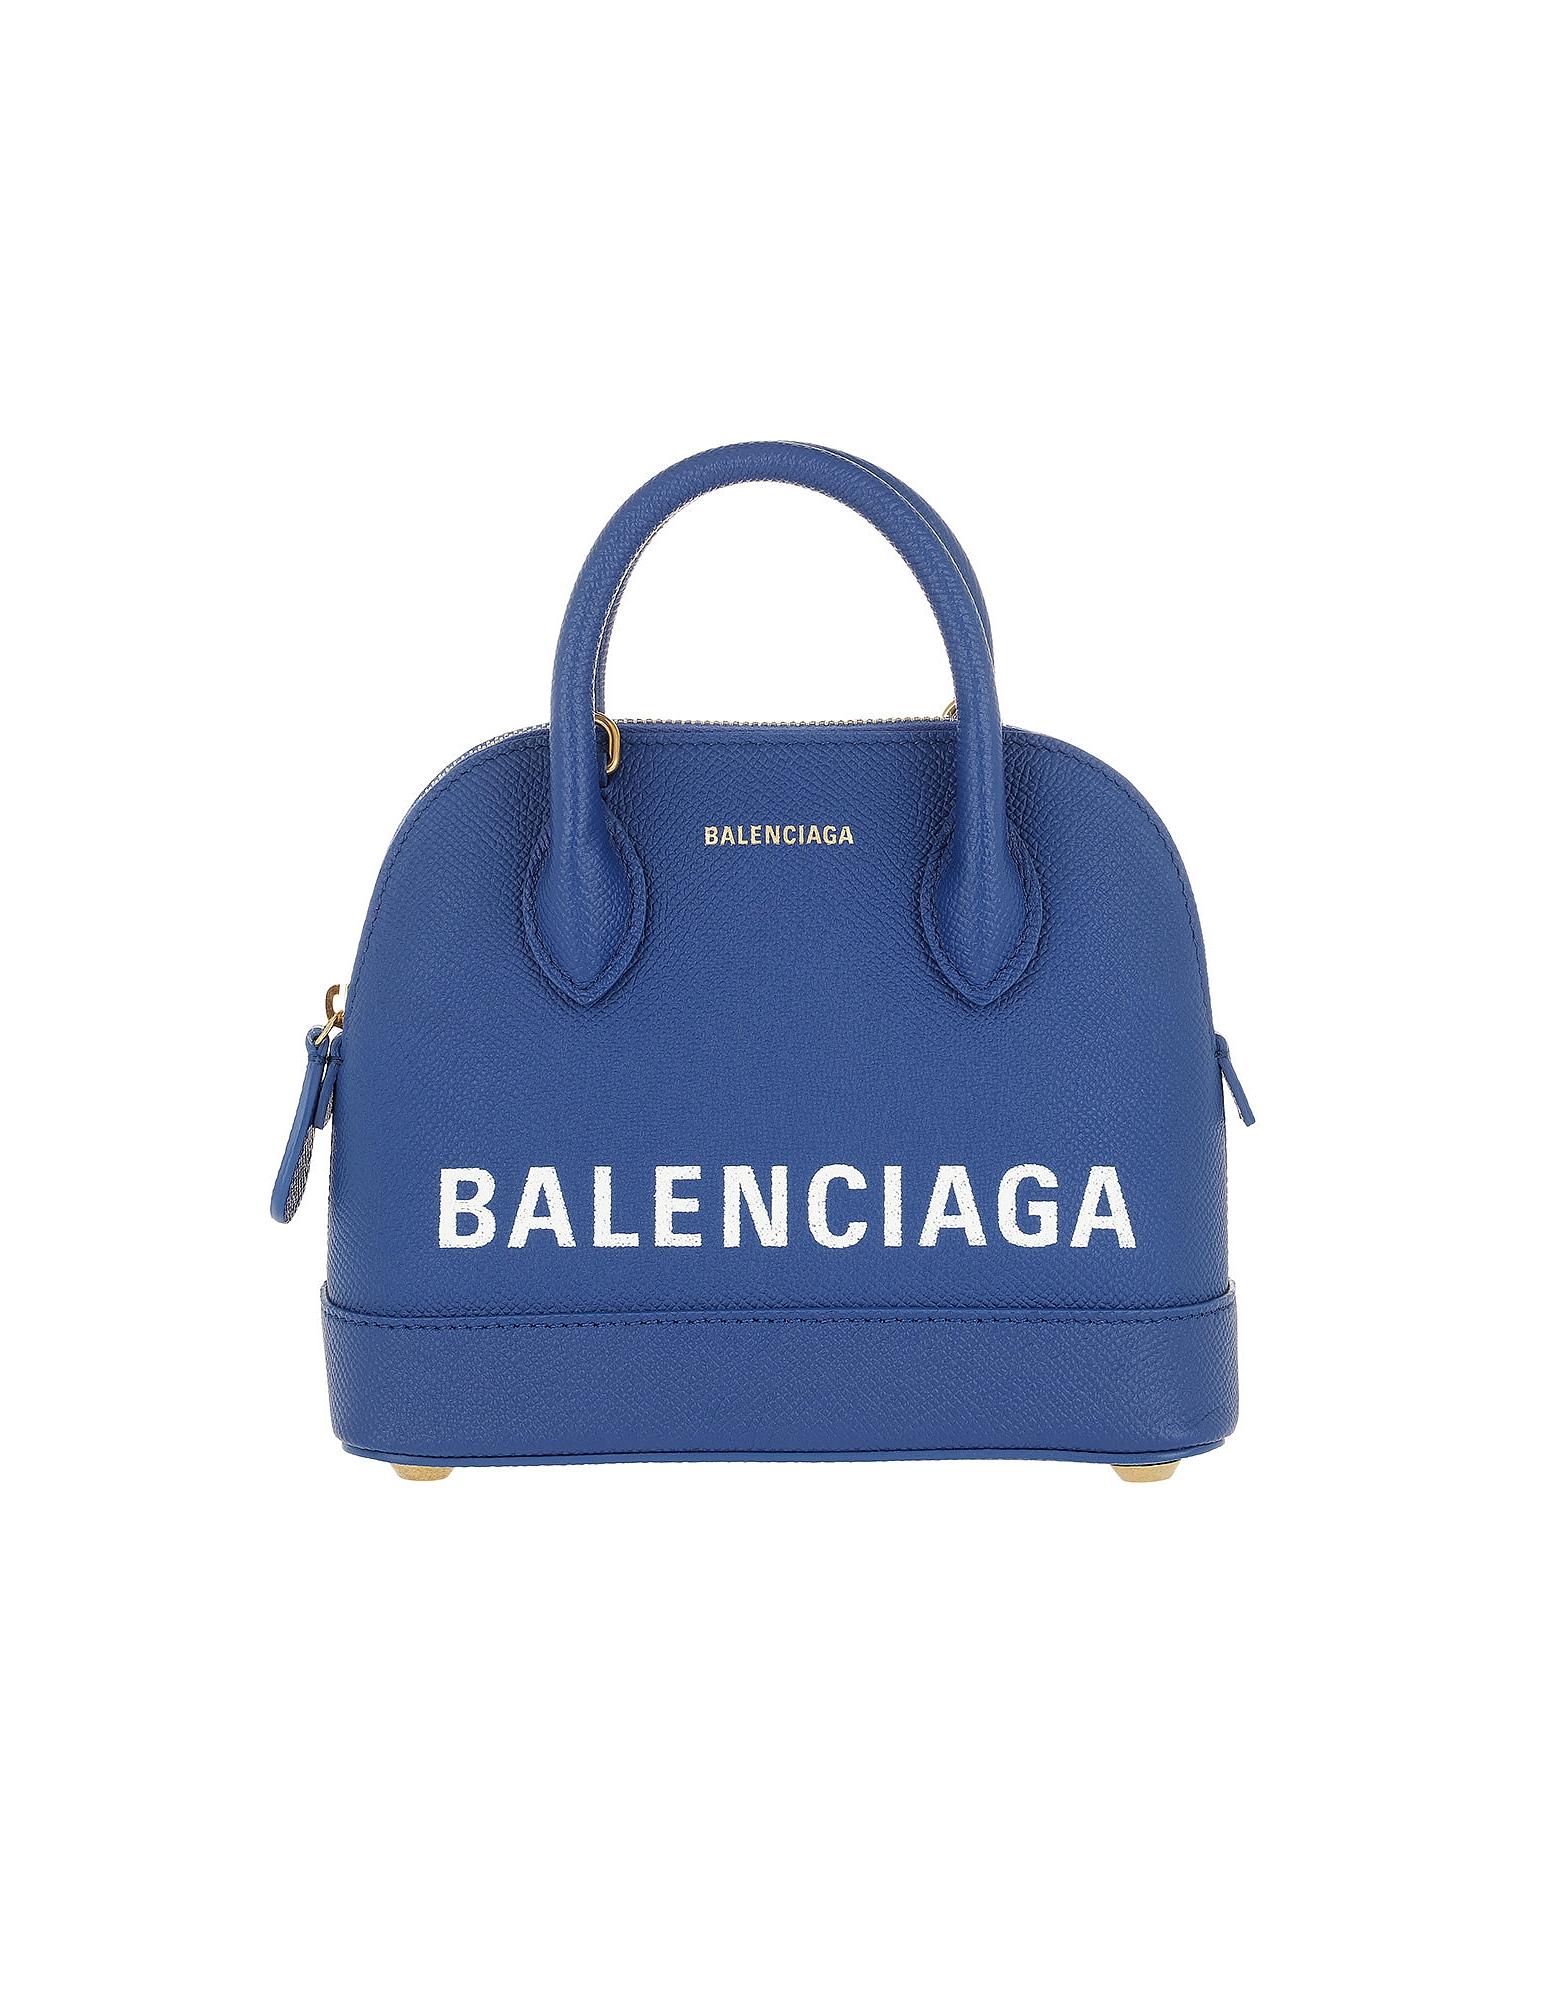 Balenciaga Handbags, Ville Top Handle Bag XXS Blue